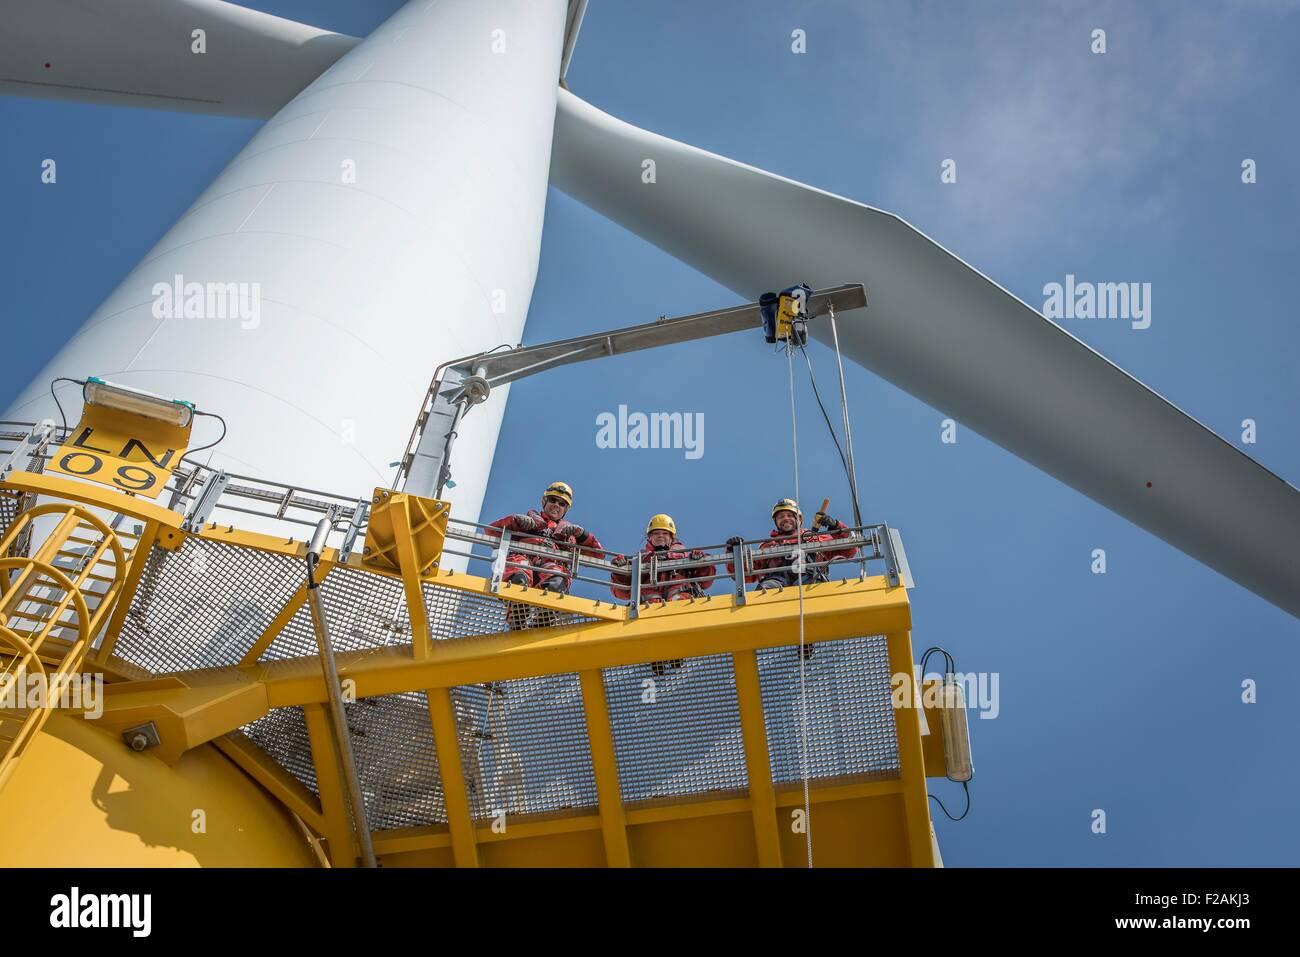 Portrait d'ingénieurs sur l'Éolienne au parc éolien offshore Photo Stock